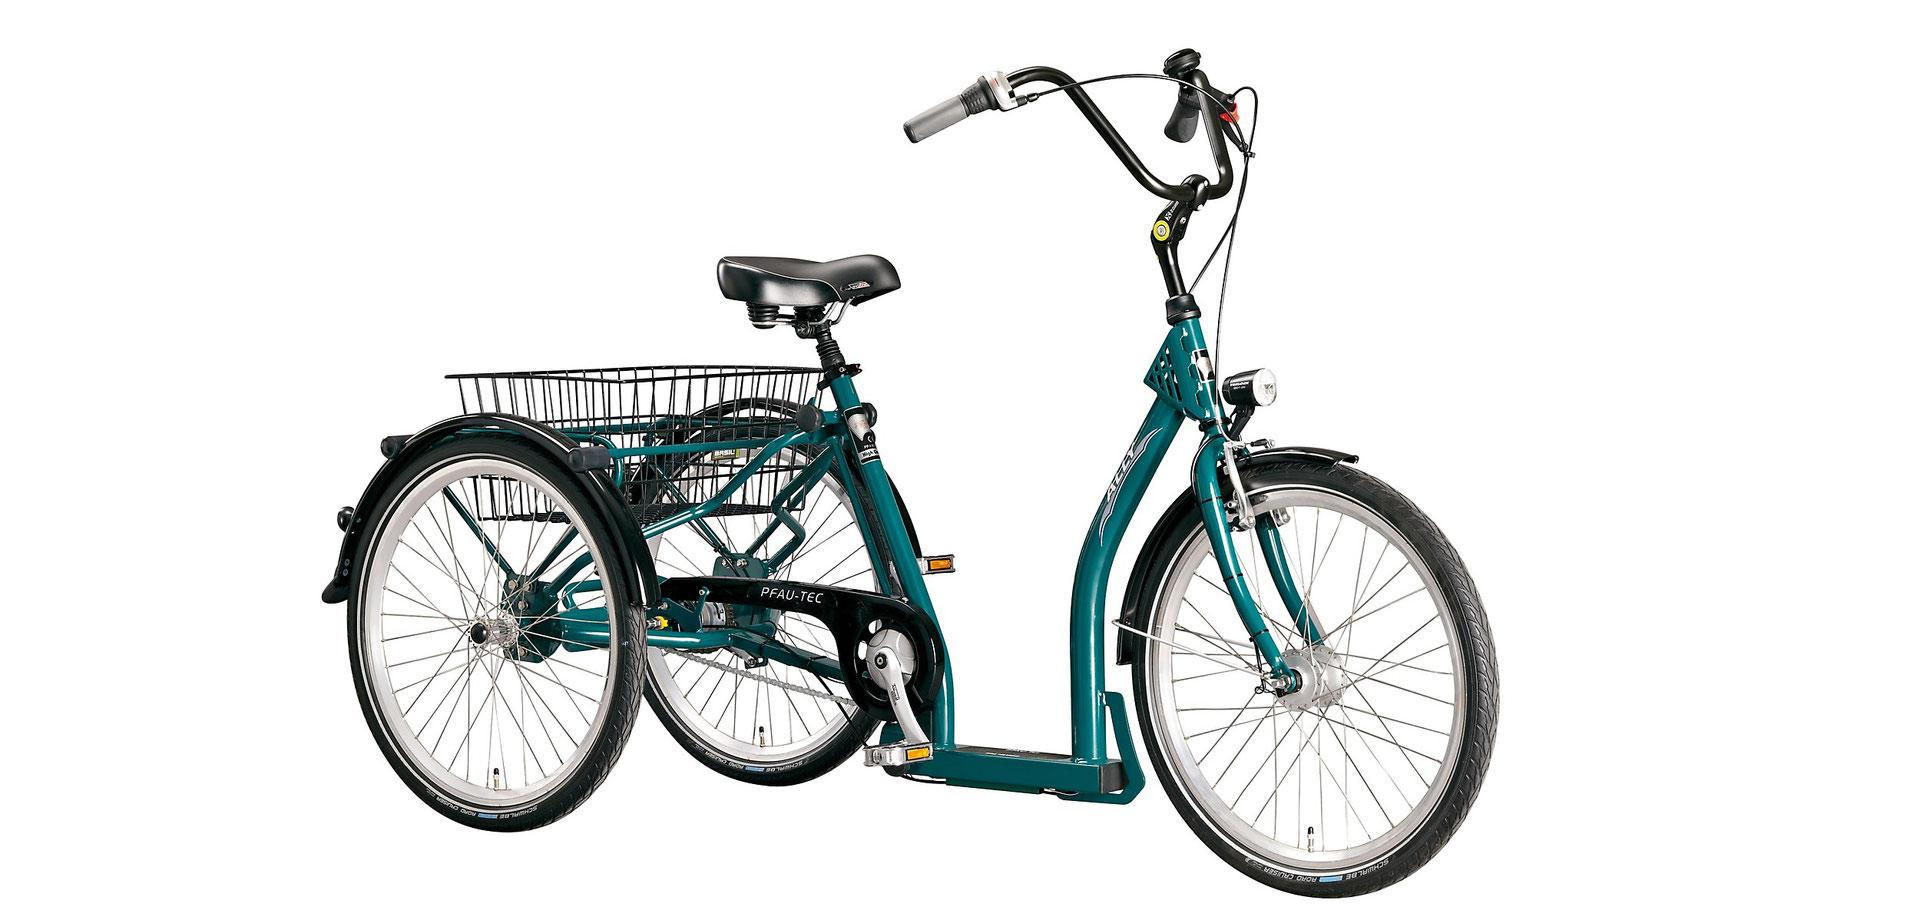 Dreirad oder Fahrrad - sicher und stabil sein - Dreirad ...